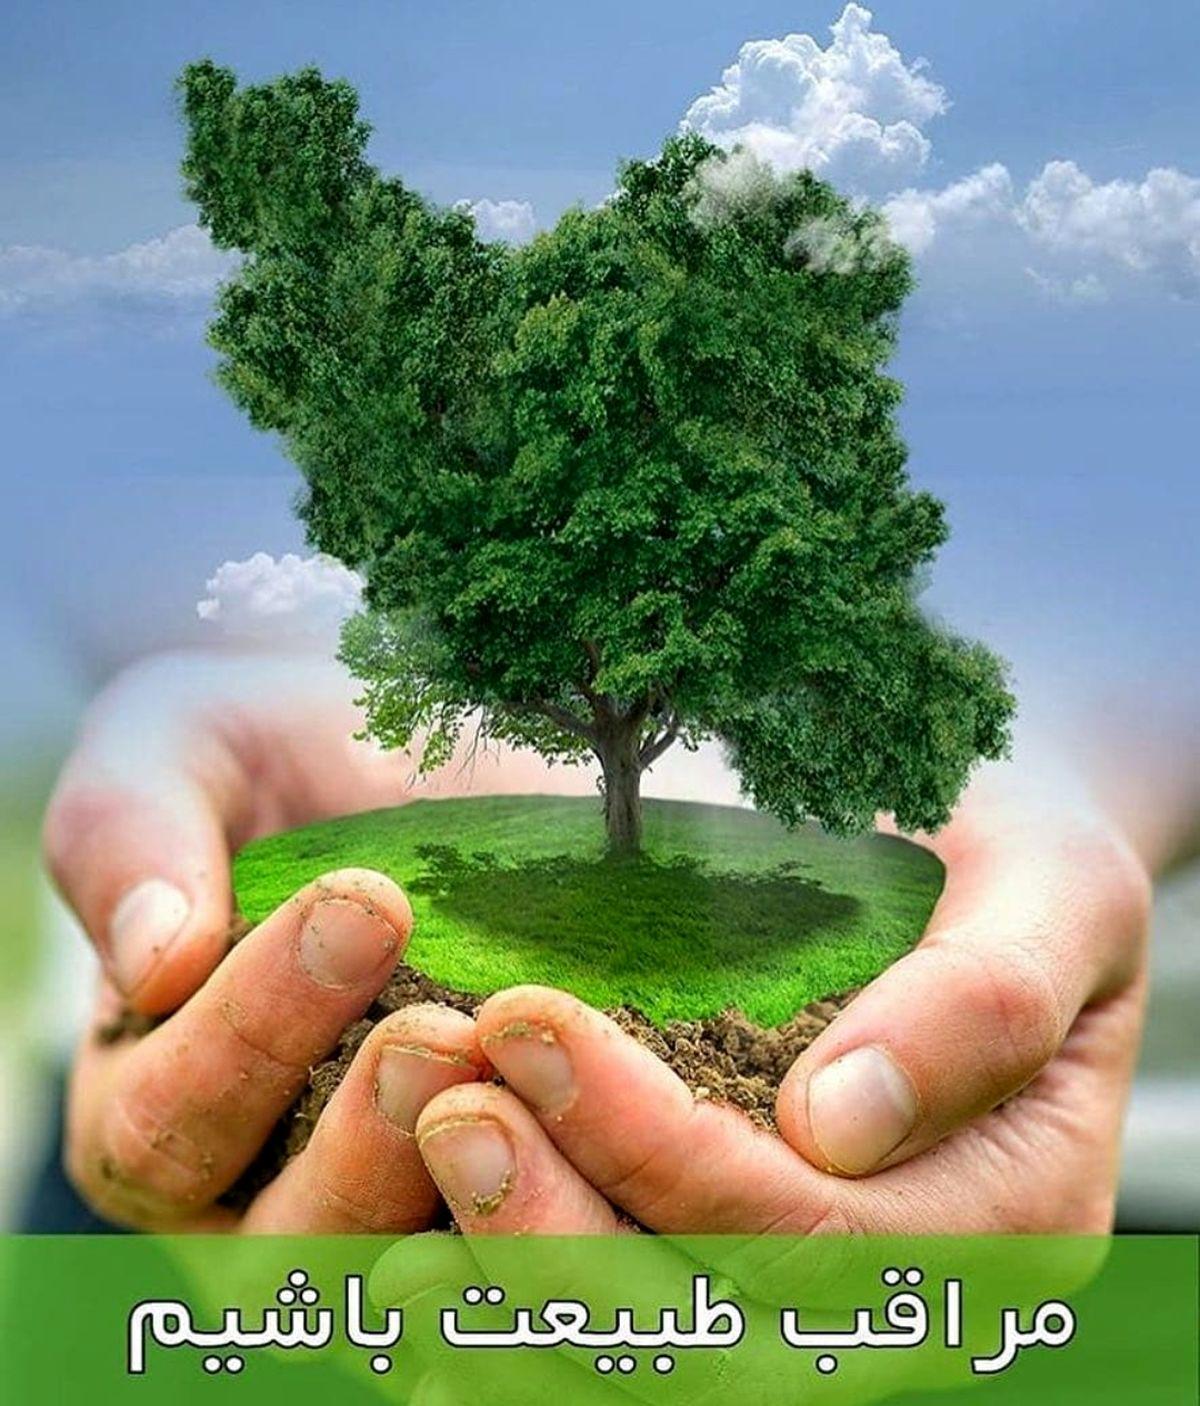 انتظار تحول، تغییر و رویش باتخریب طبیعت همخوانی ندارد